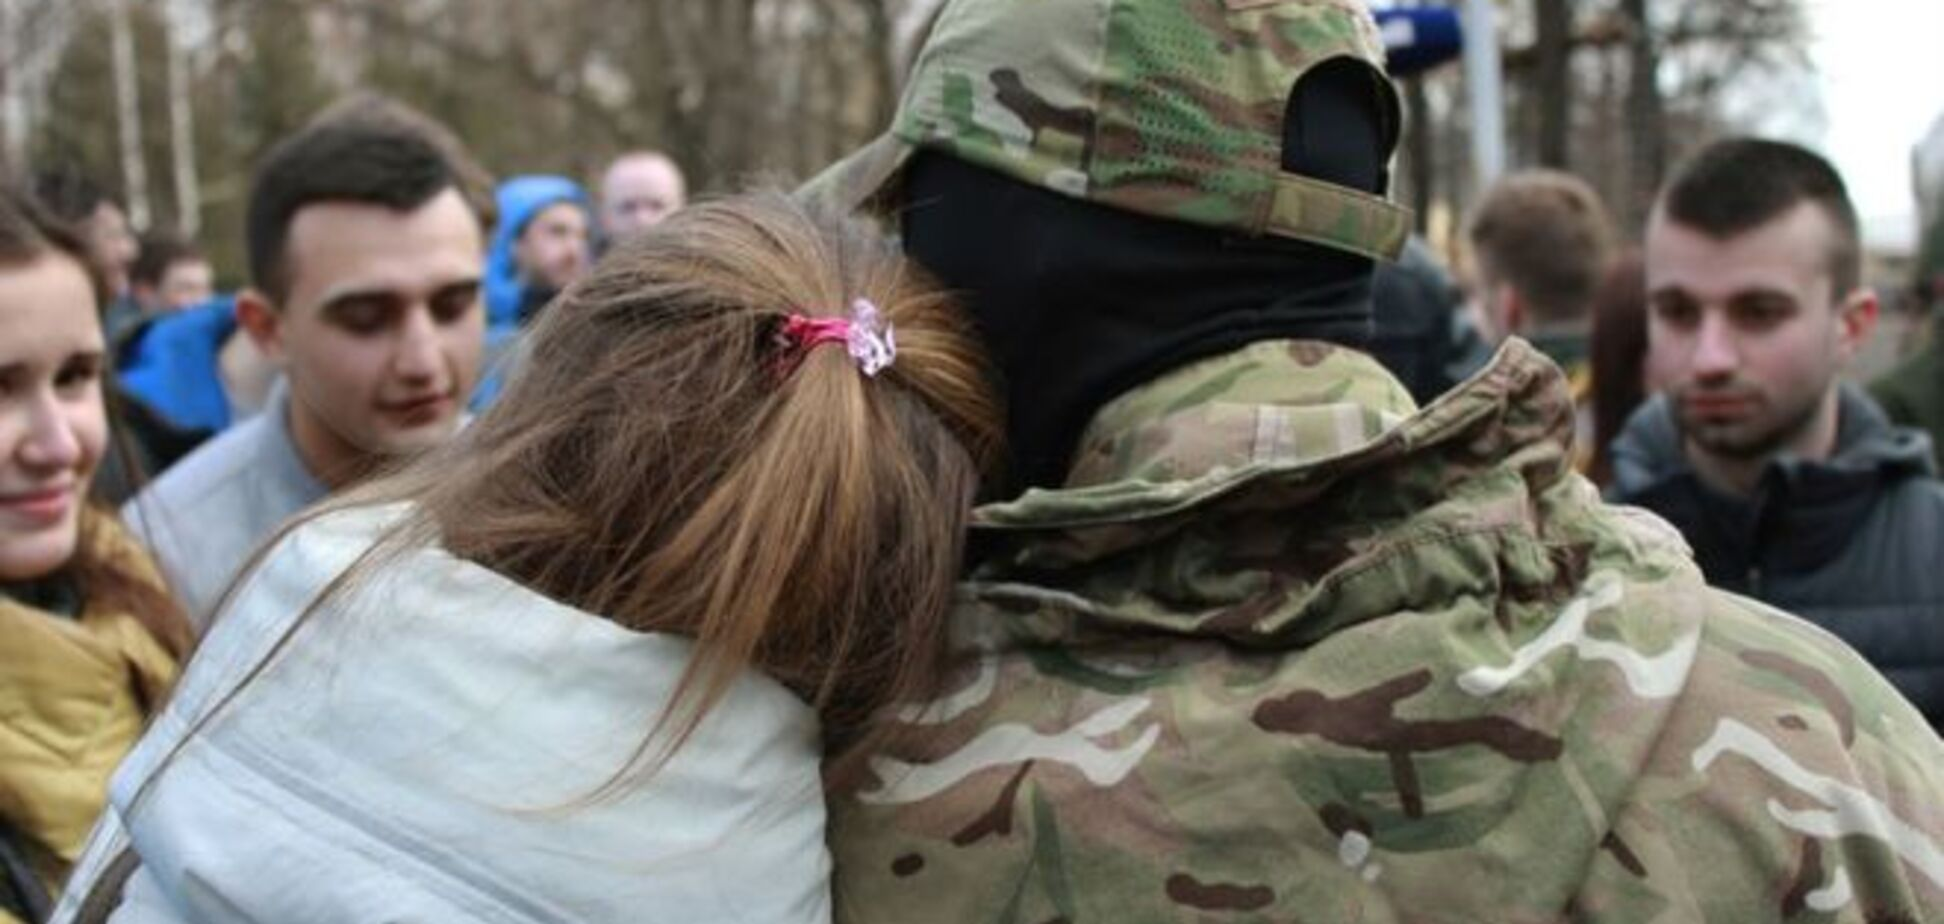 В Киеве на передовую отправили 65 добровольцев 'Азова': трогательные фото расставания